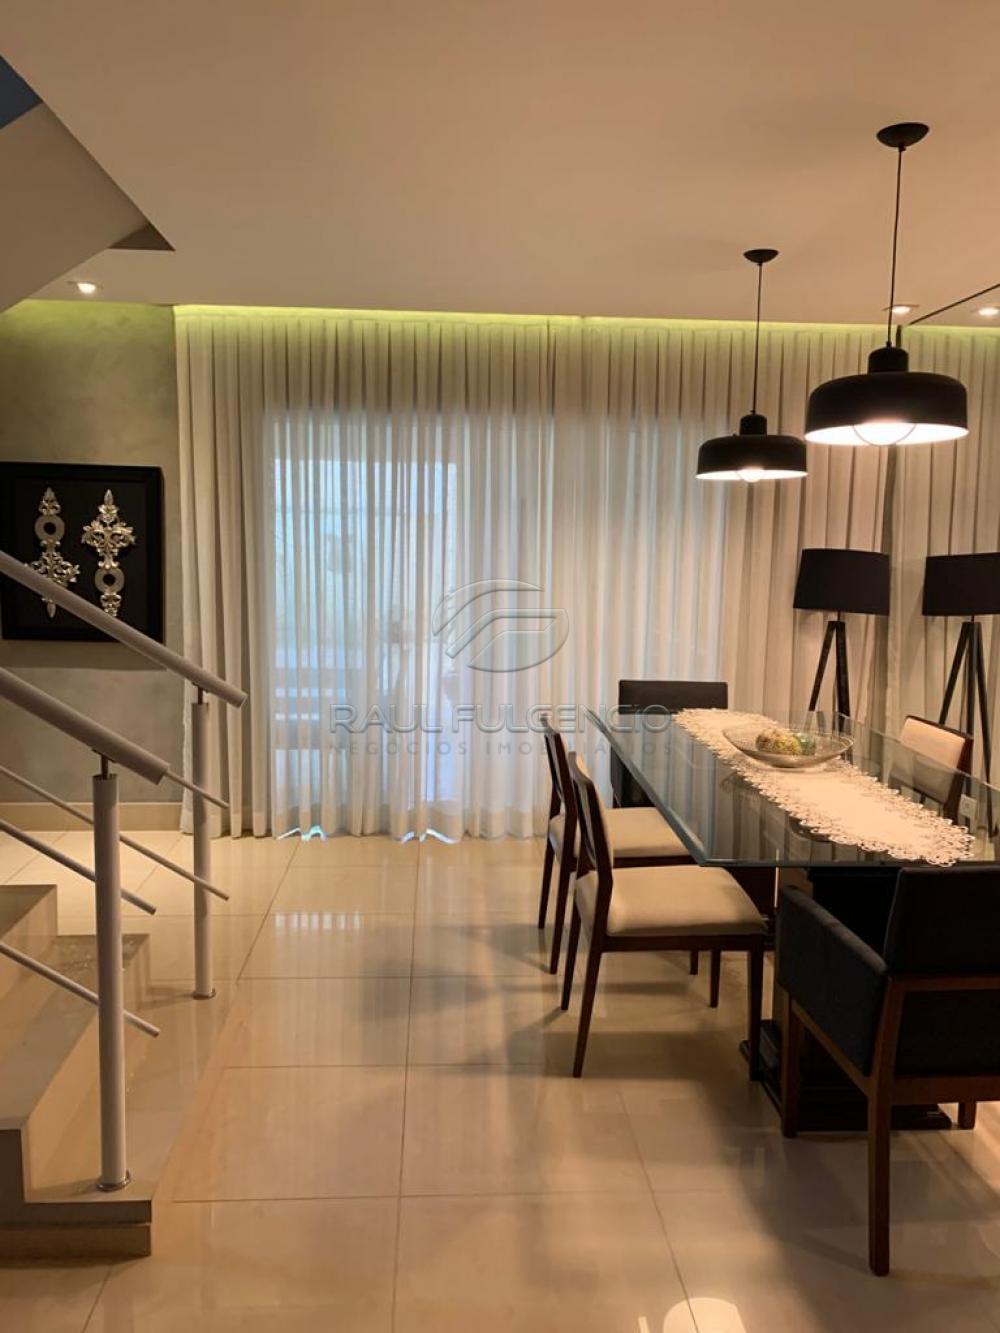 Comprar Casa / Condomínio Sobrado em Londrina apenas R$ 840.000,00 - Foto 2